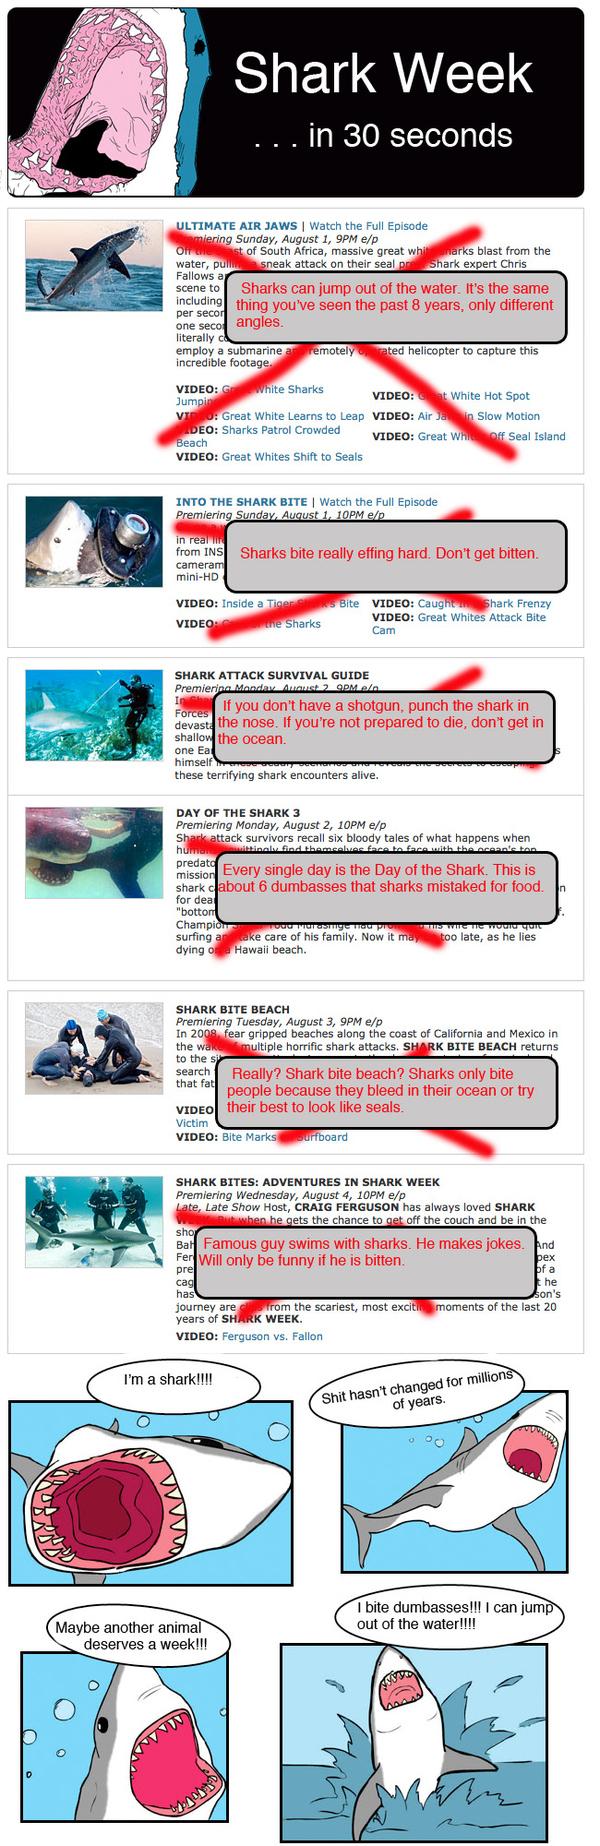 Shark Week In 30 Seconds